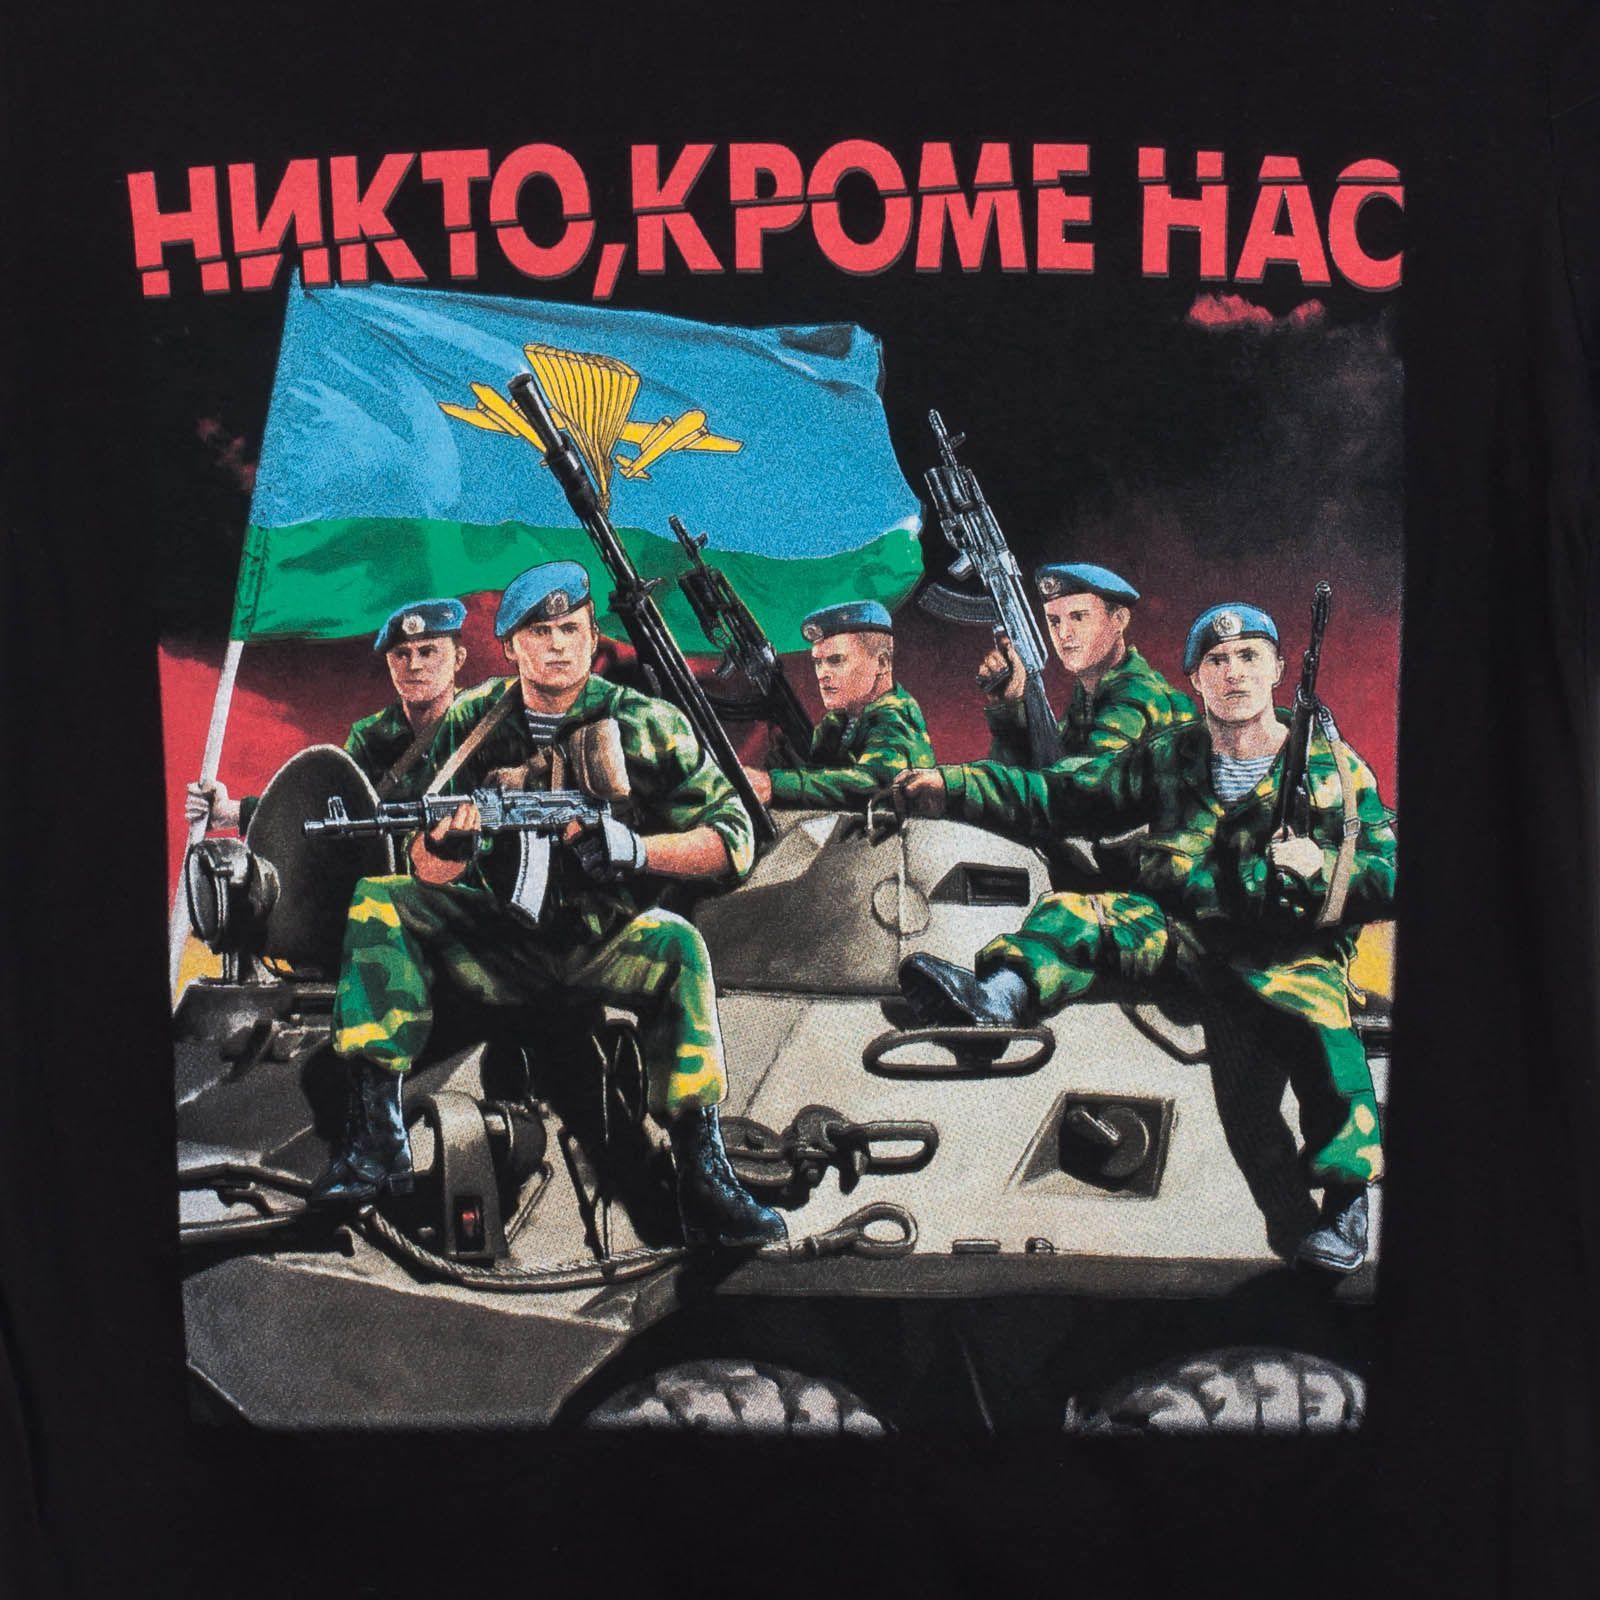 Футболка ВДВ «БТР» с изображением десантников - принт